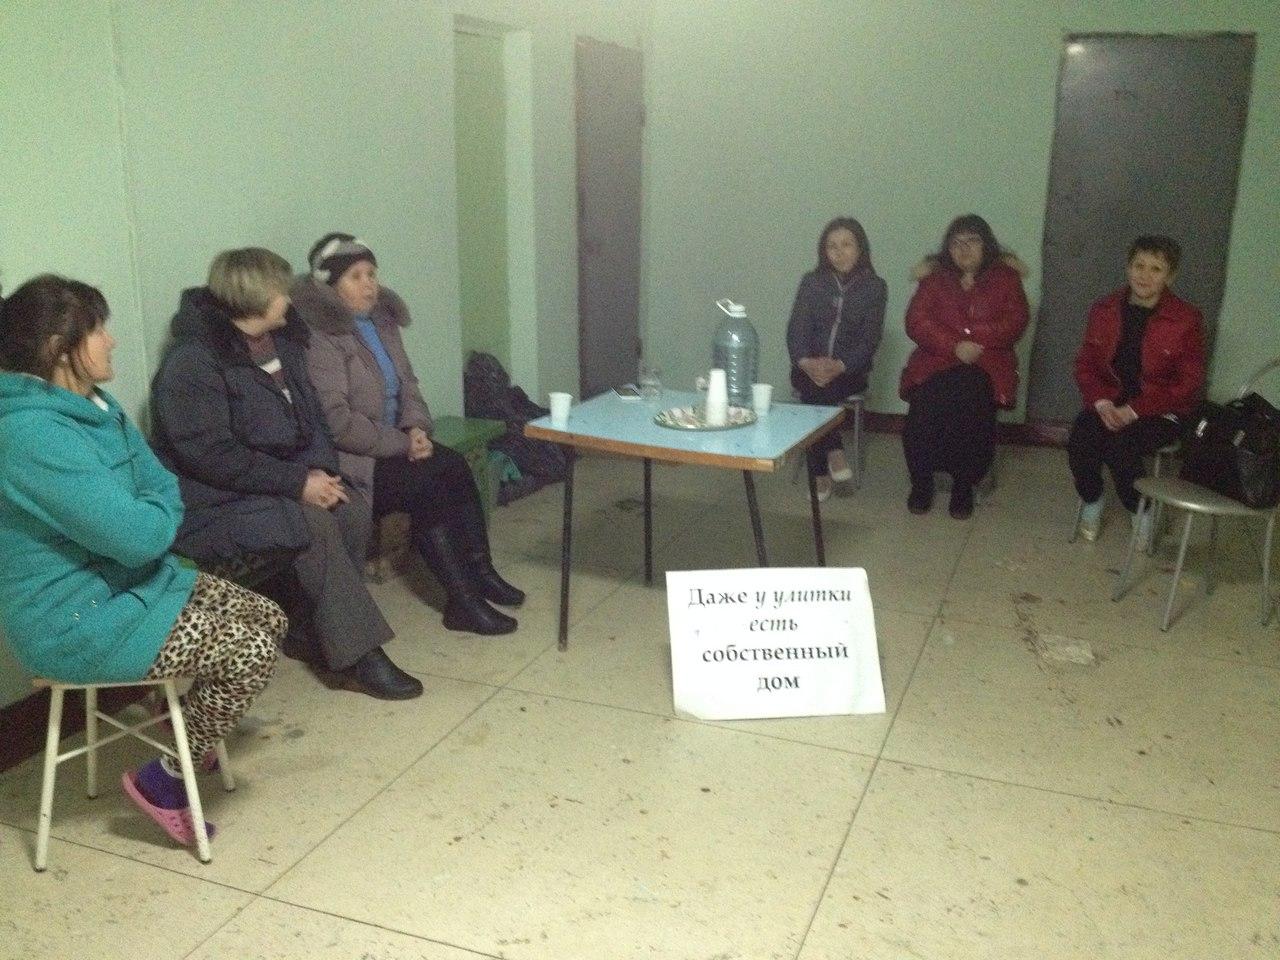 Акция началась в 10 часов утра в «казенном доме» по улице Барбюса, 136-в. Доведенная до отчаяния